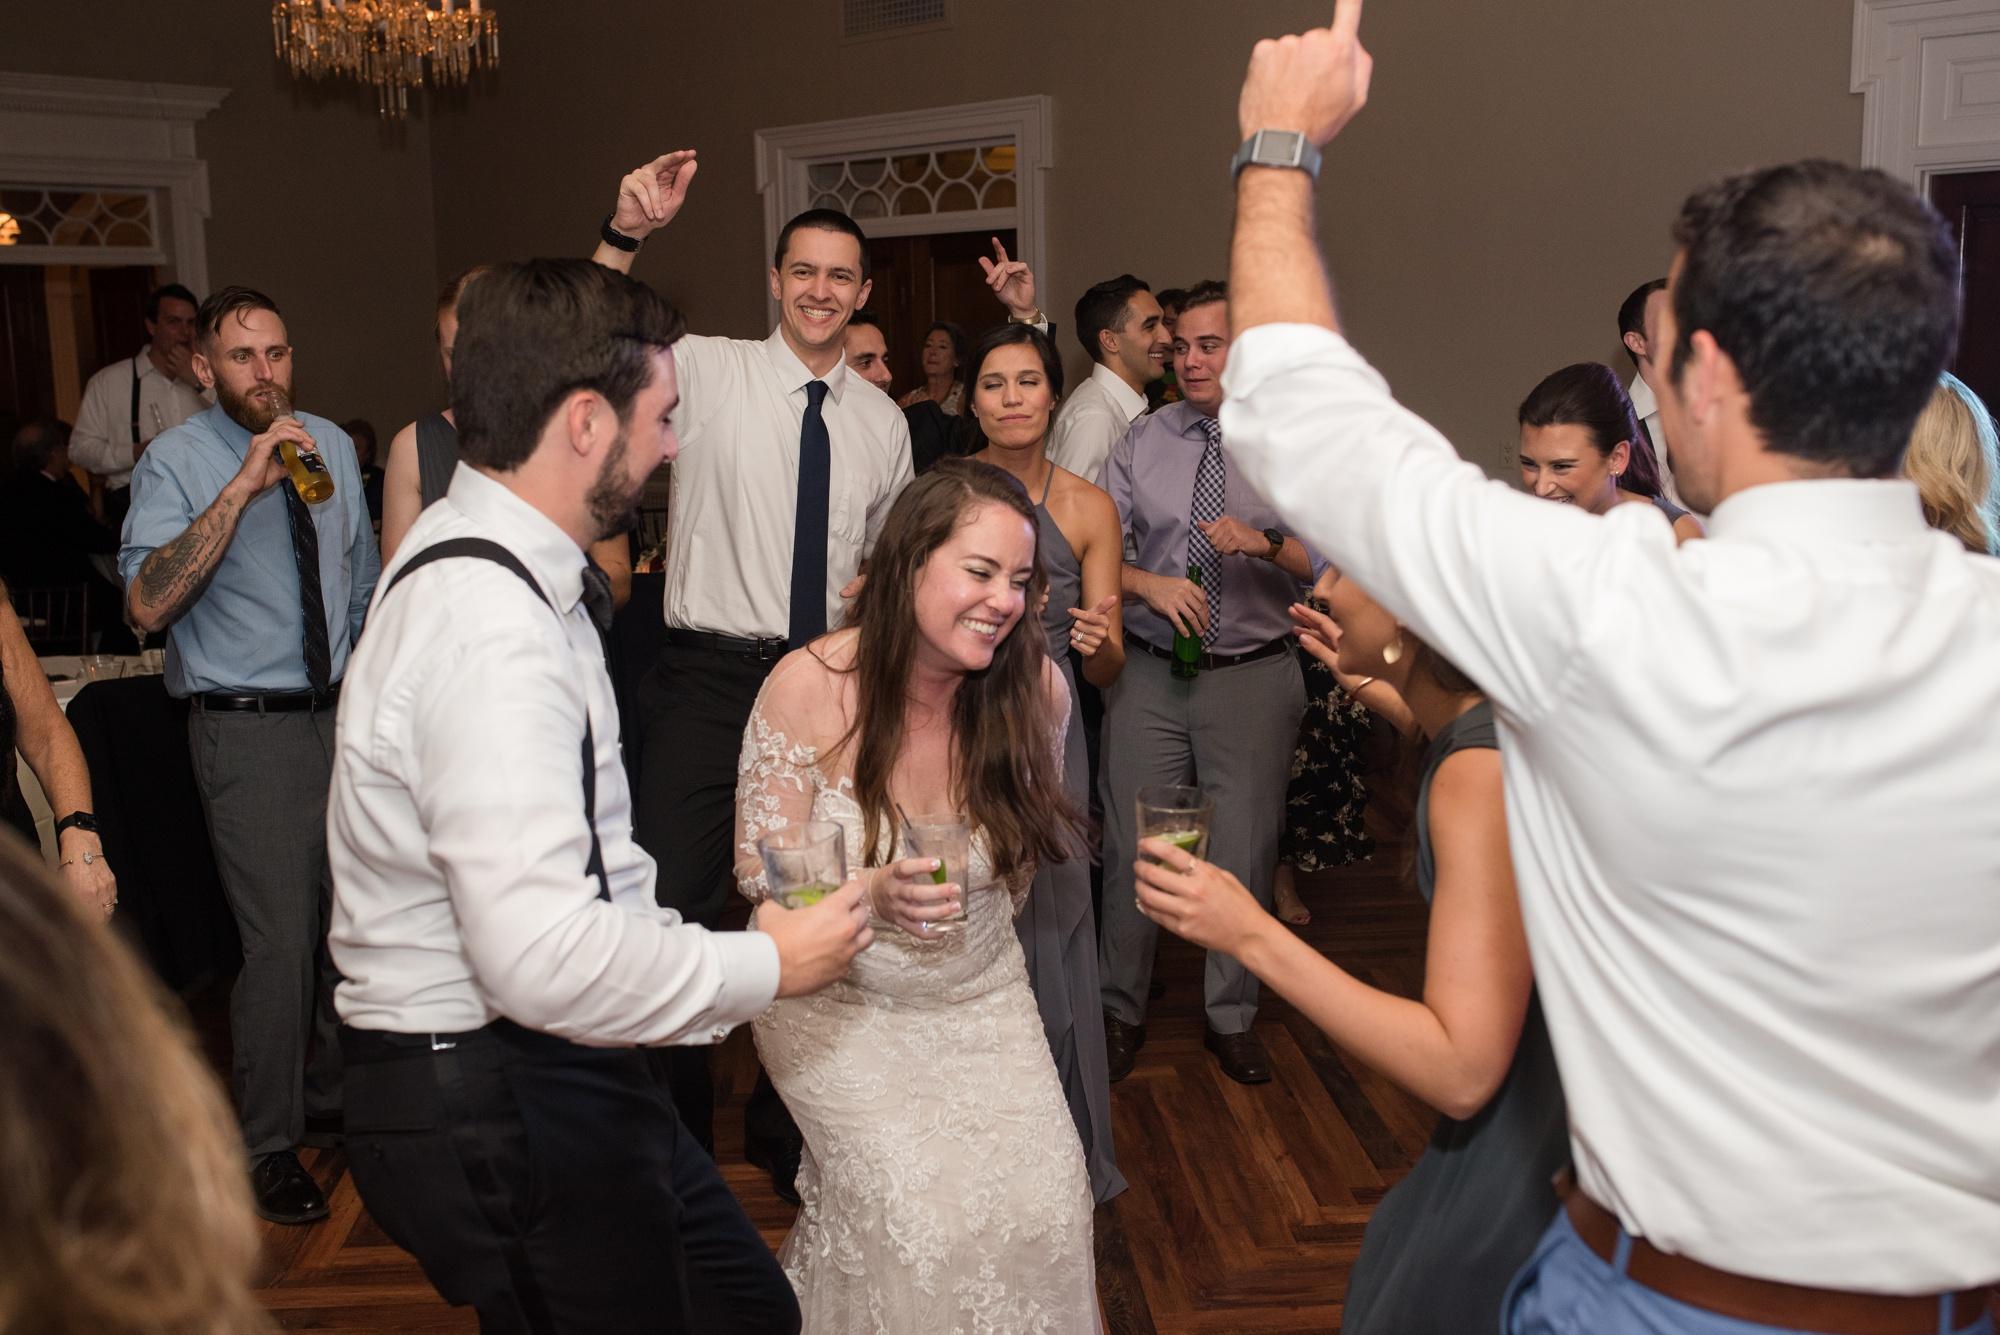 Tidewater Inn wedding reception dancing